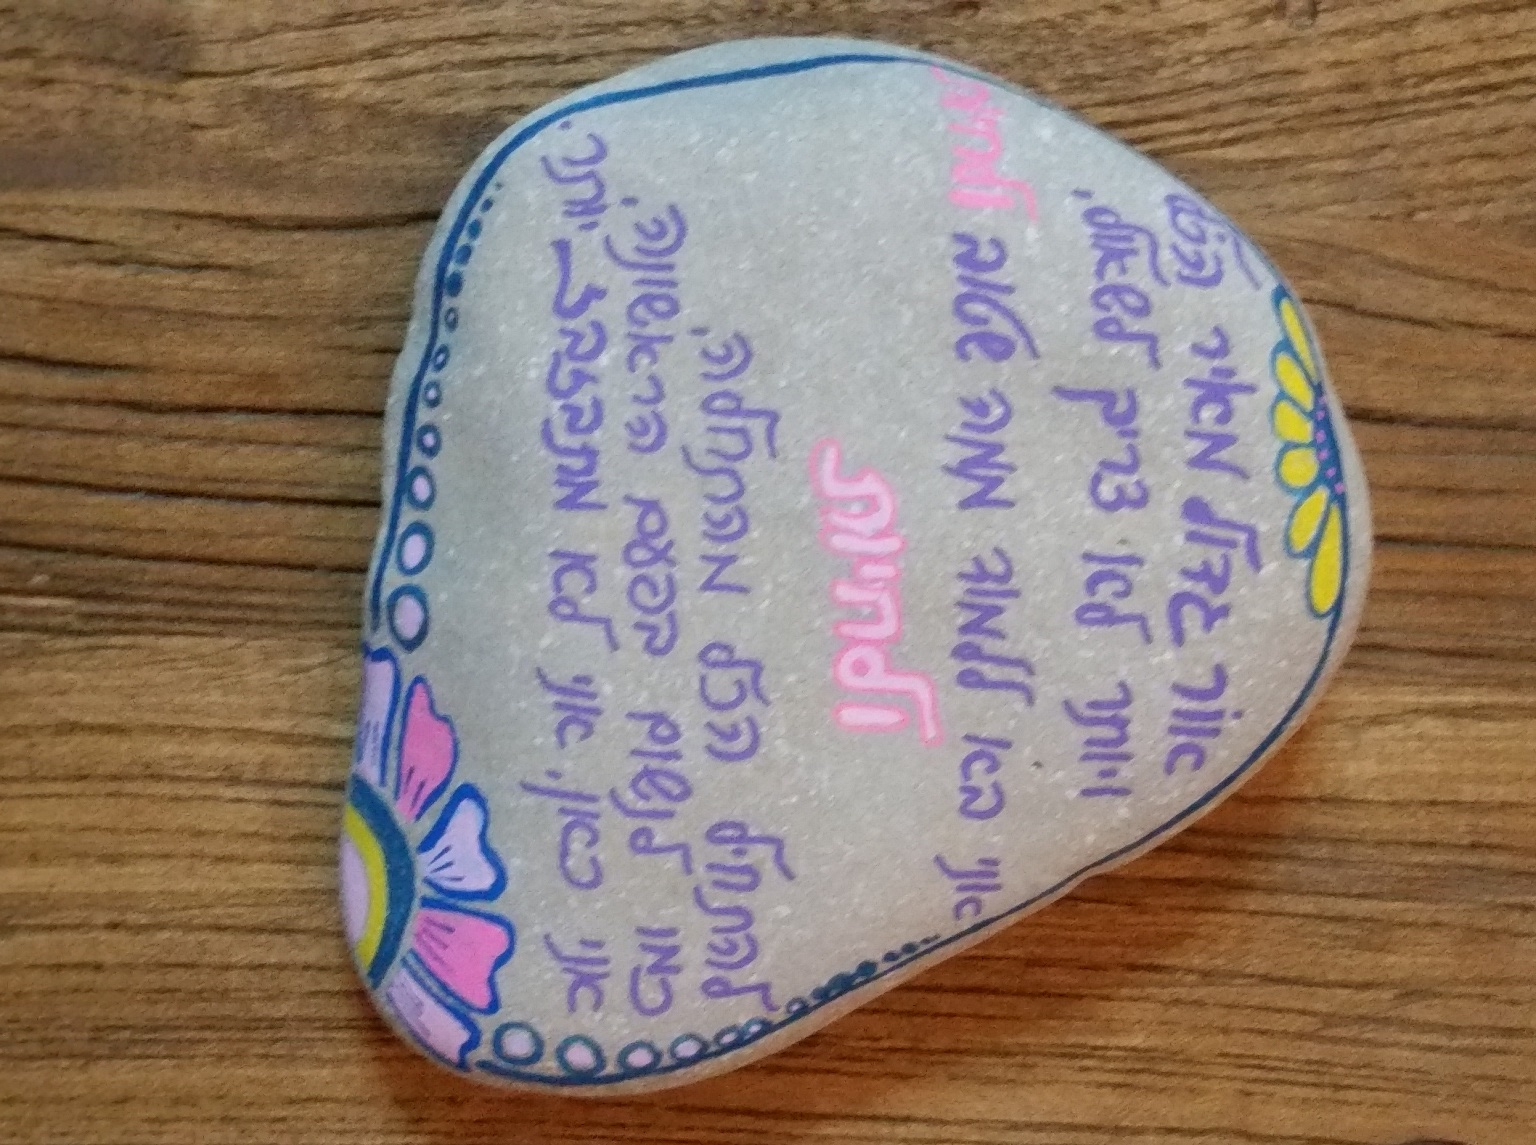 כיתוב על אבן - שיר או ברכה